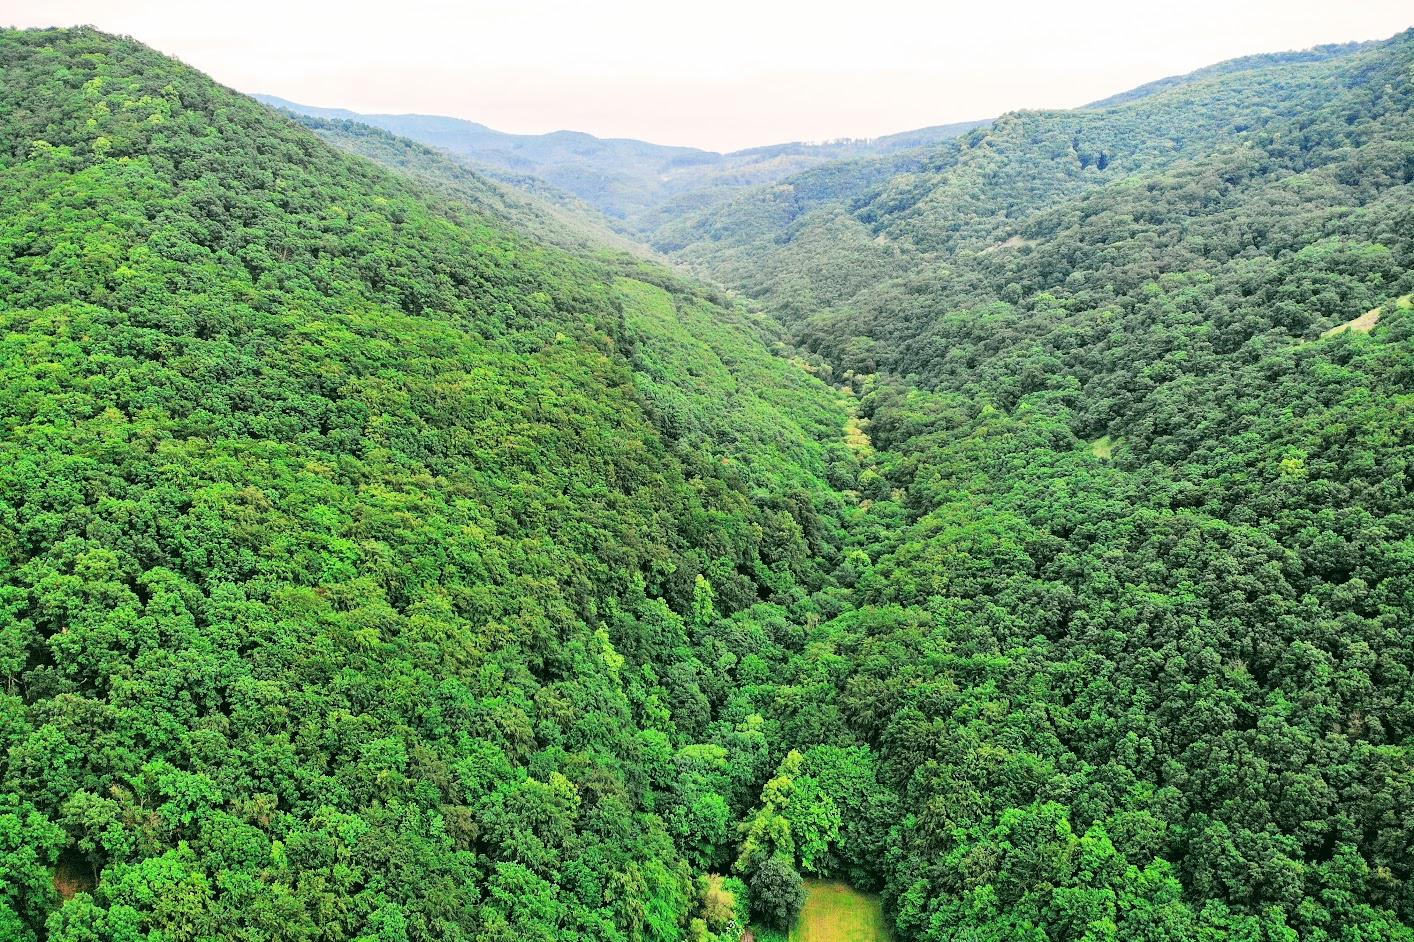 Csarna-völgy, Fekete-völgy, Szarvasbőgés, Holló-kő, Salgóvár, Vezetett túra